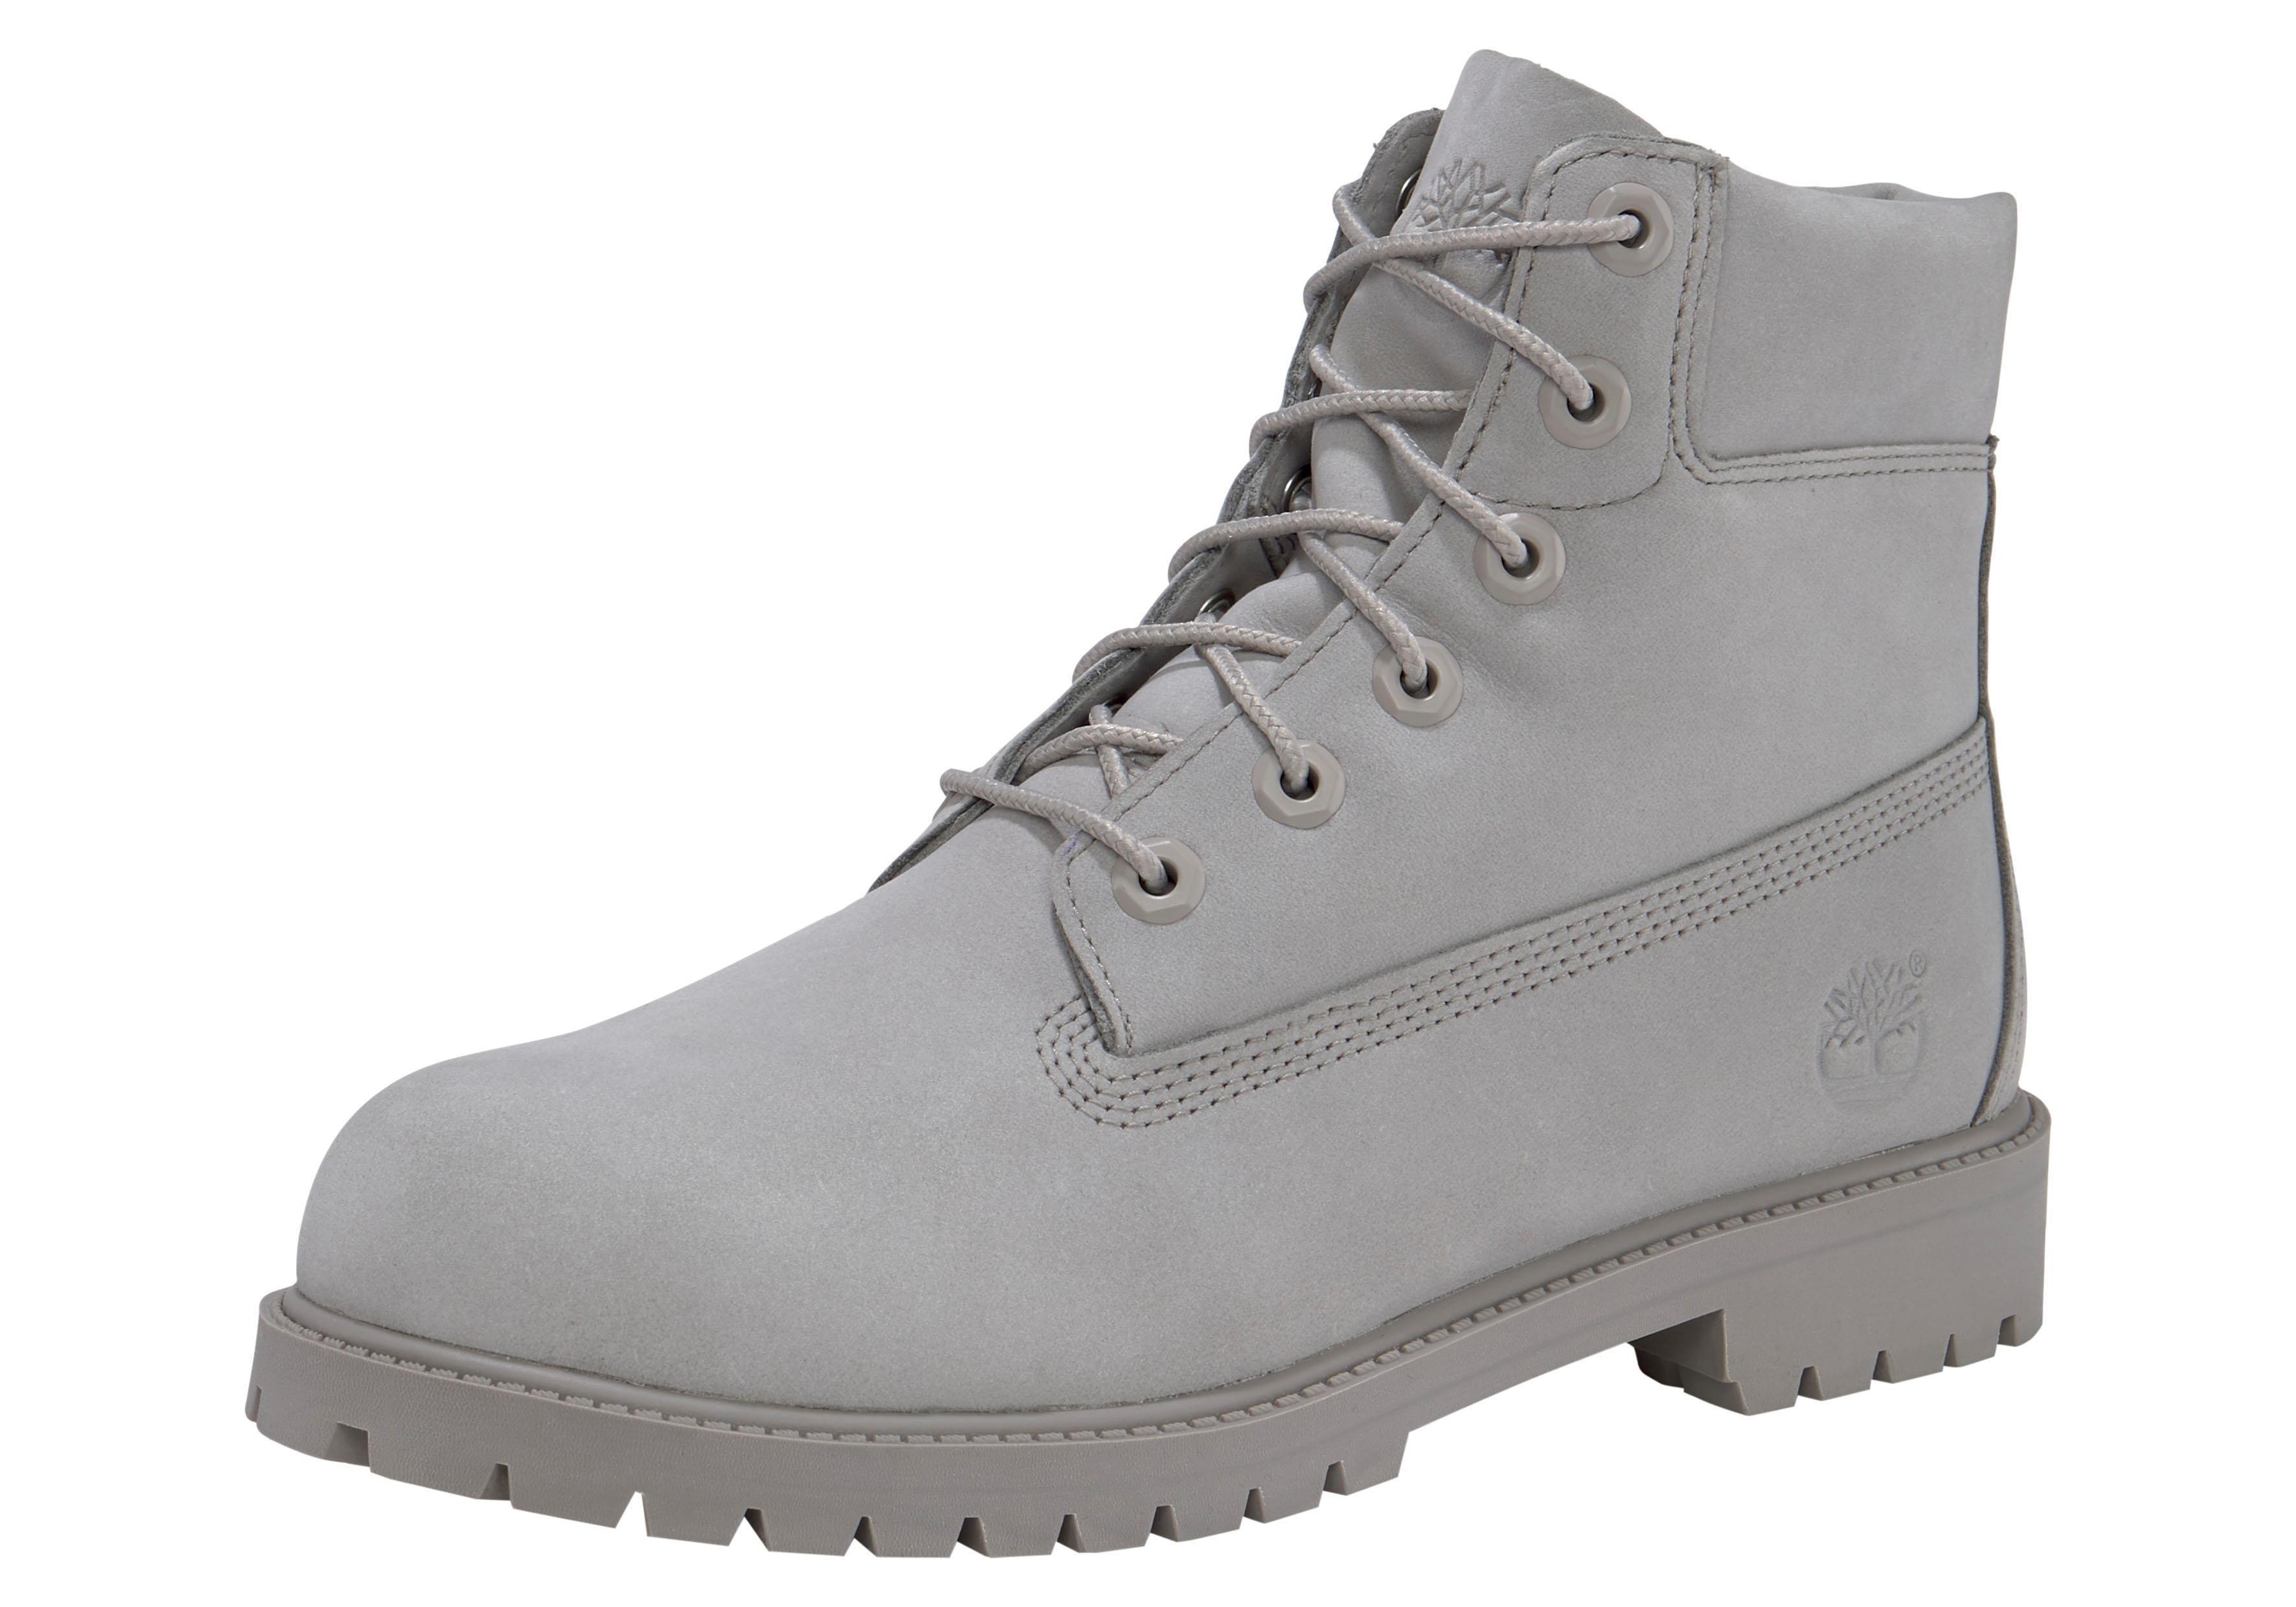 Timberland hoge veterschoenen »6 In Premium WP Boot« online kopen op otto.nl